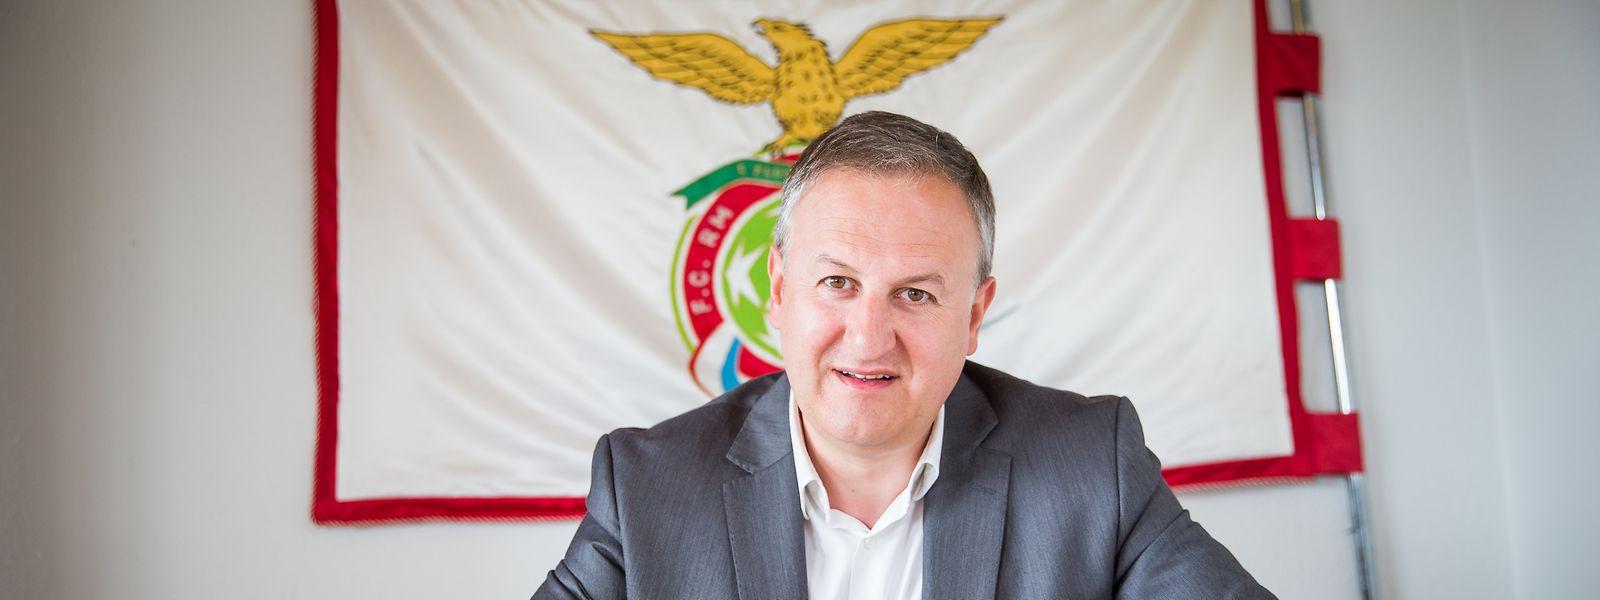 Paulo Lopes e o RM Hamm Benfica estão de regresso à elite do futebol luxemburguês.